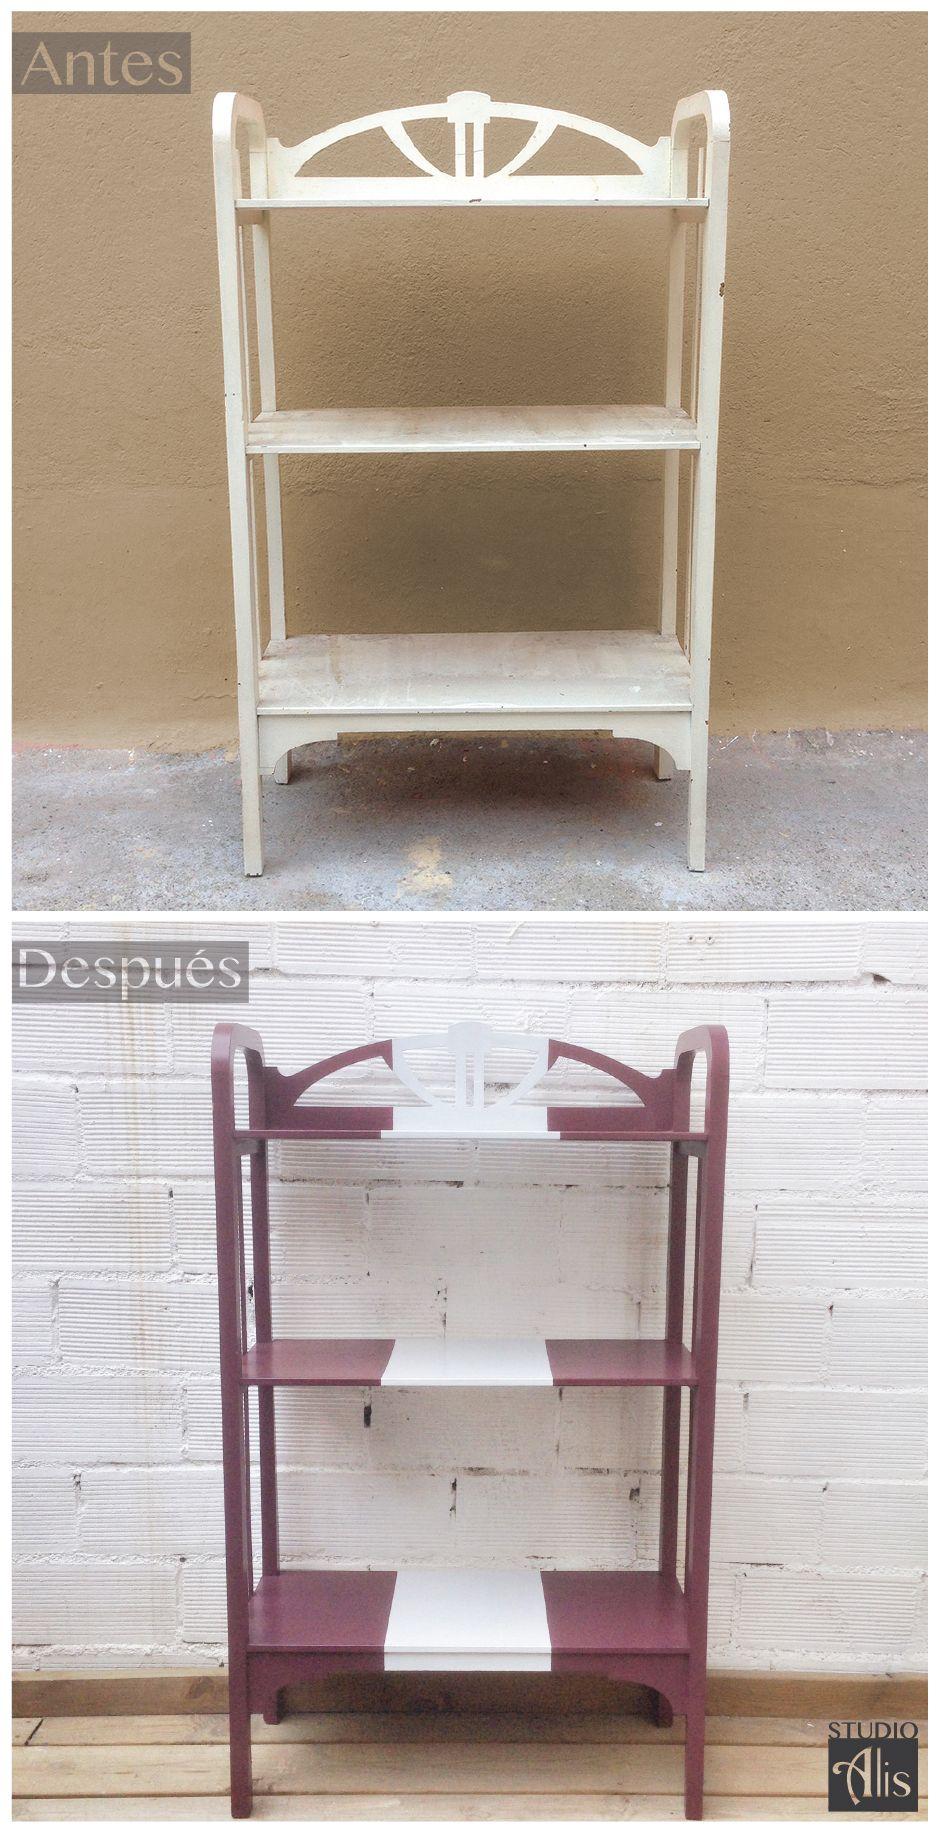 Estanter a renovada y pintada studio alis barcelona antes y despu s studio alis muebles - Studio barcelona muebles ...